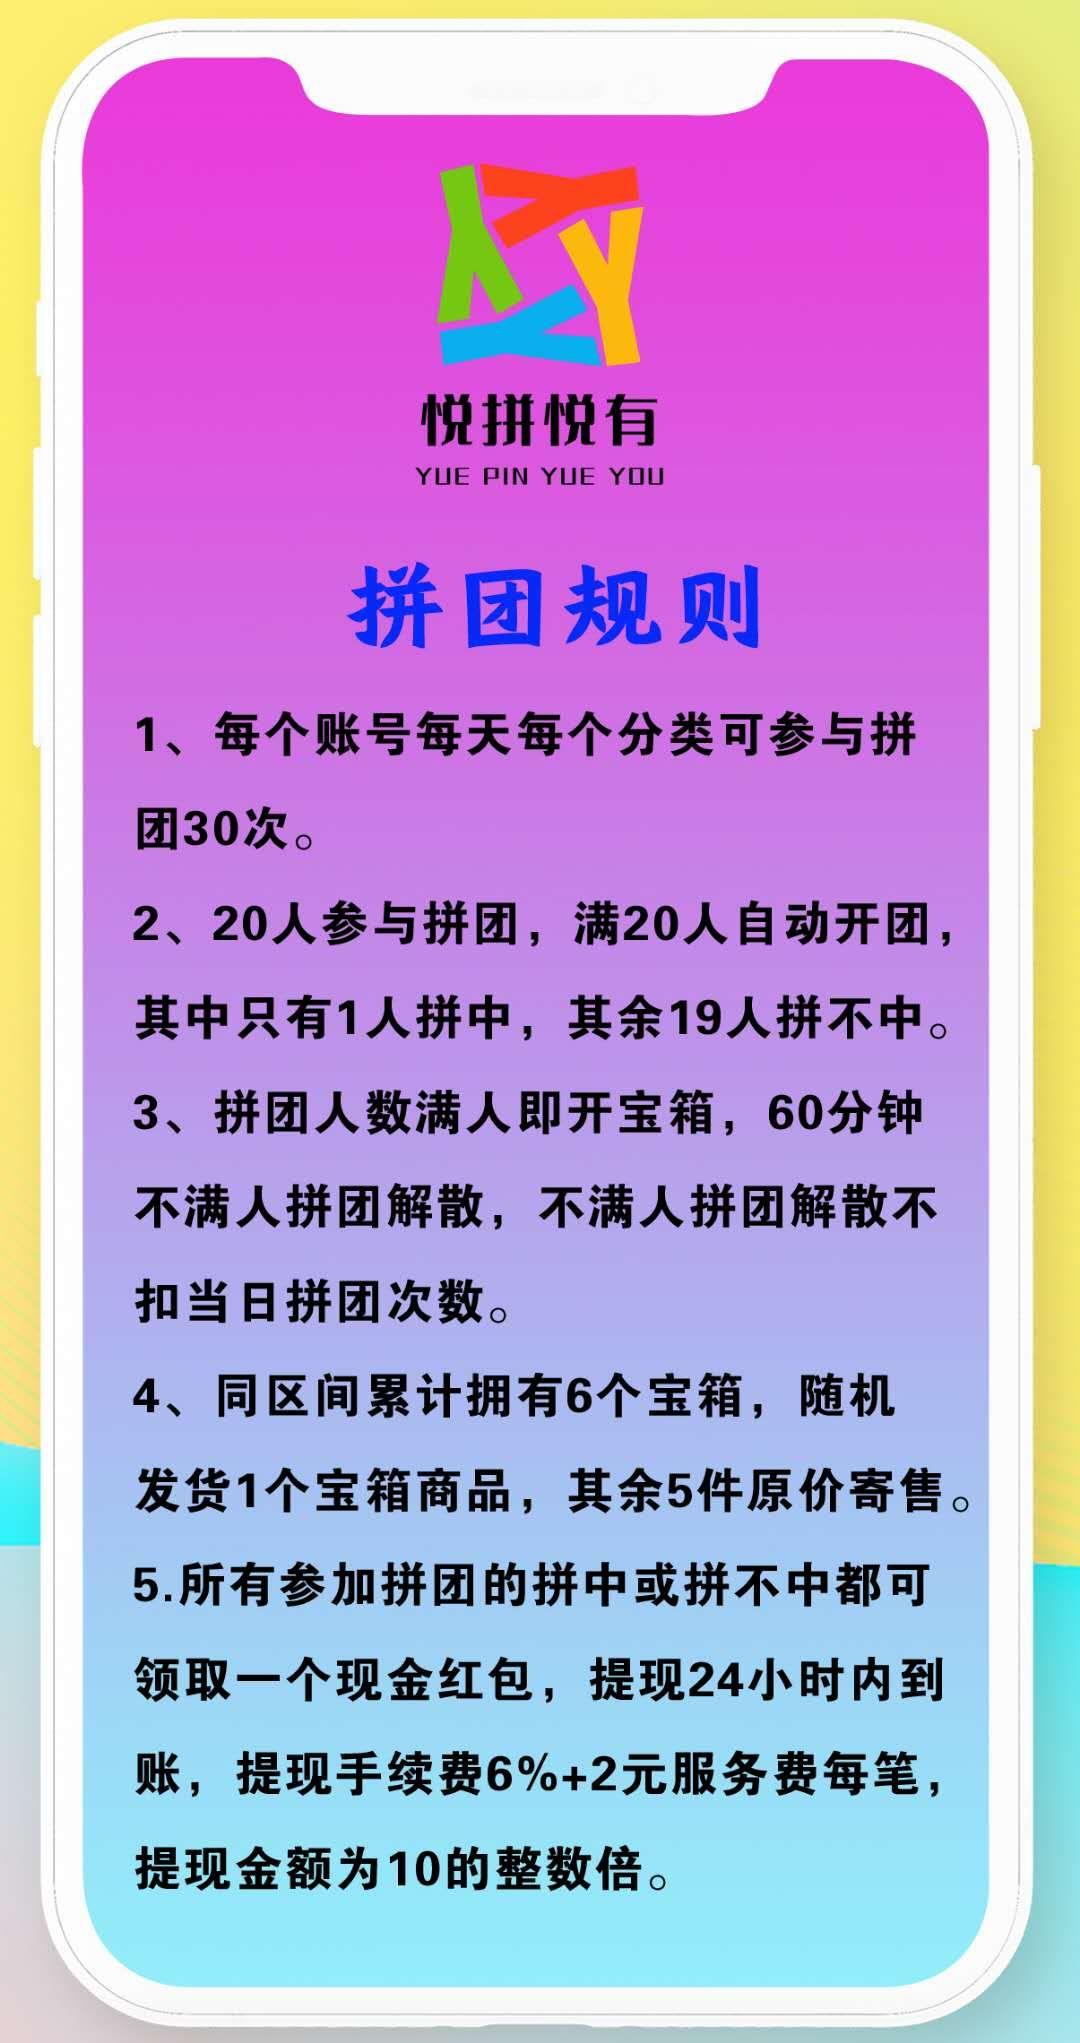 图片[5]-《悦拼悦有》拼团下月初上线,无限代扶持35,团队长级别扶持对接-首码社